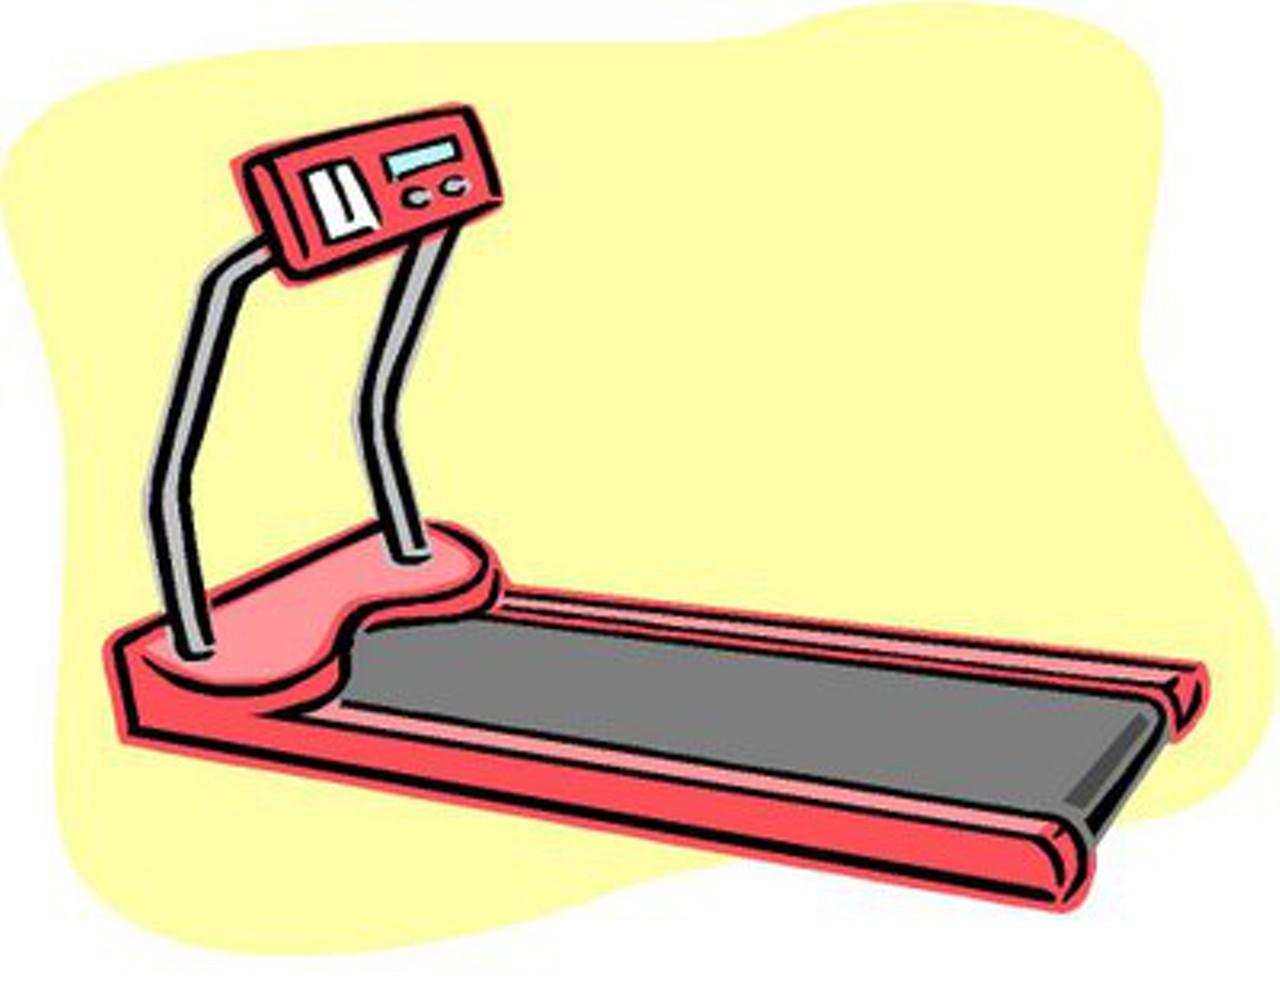 Treadmill Clipart-Clipartlook.com-1280-Treadmill Clipart-Clipartlook.com-1280-9